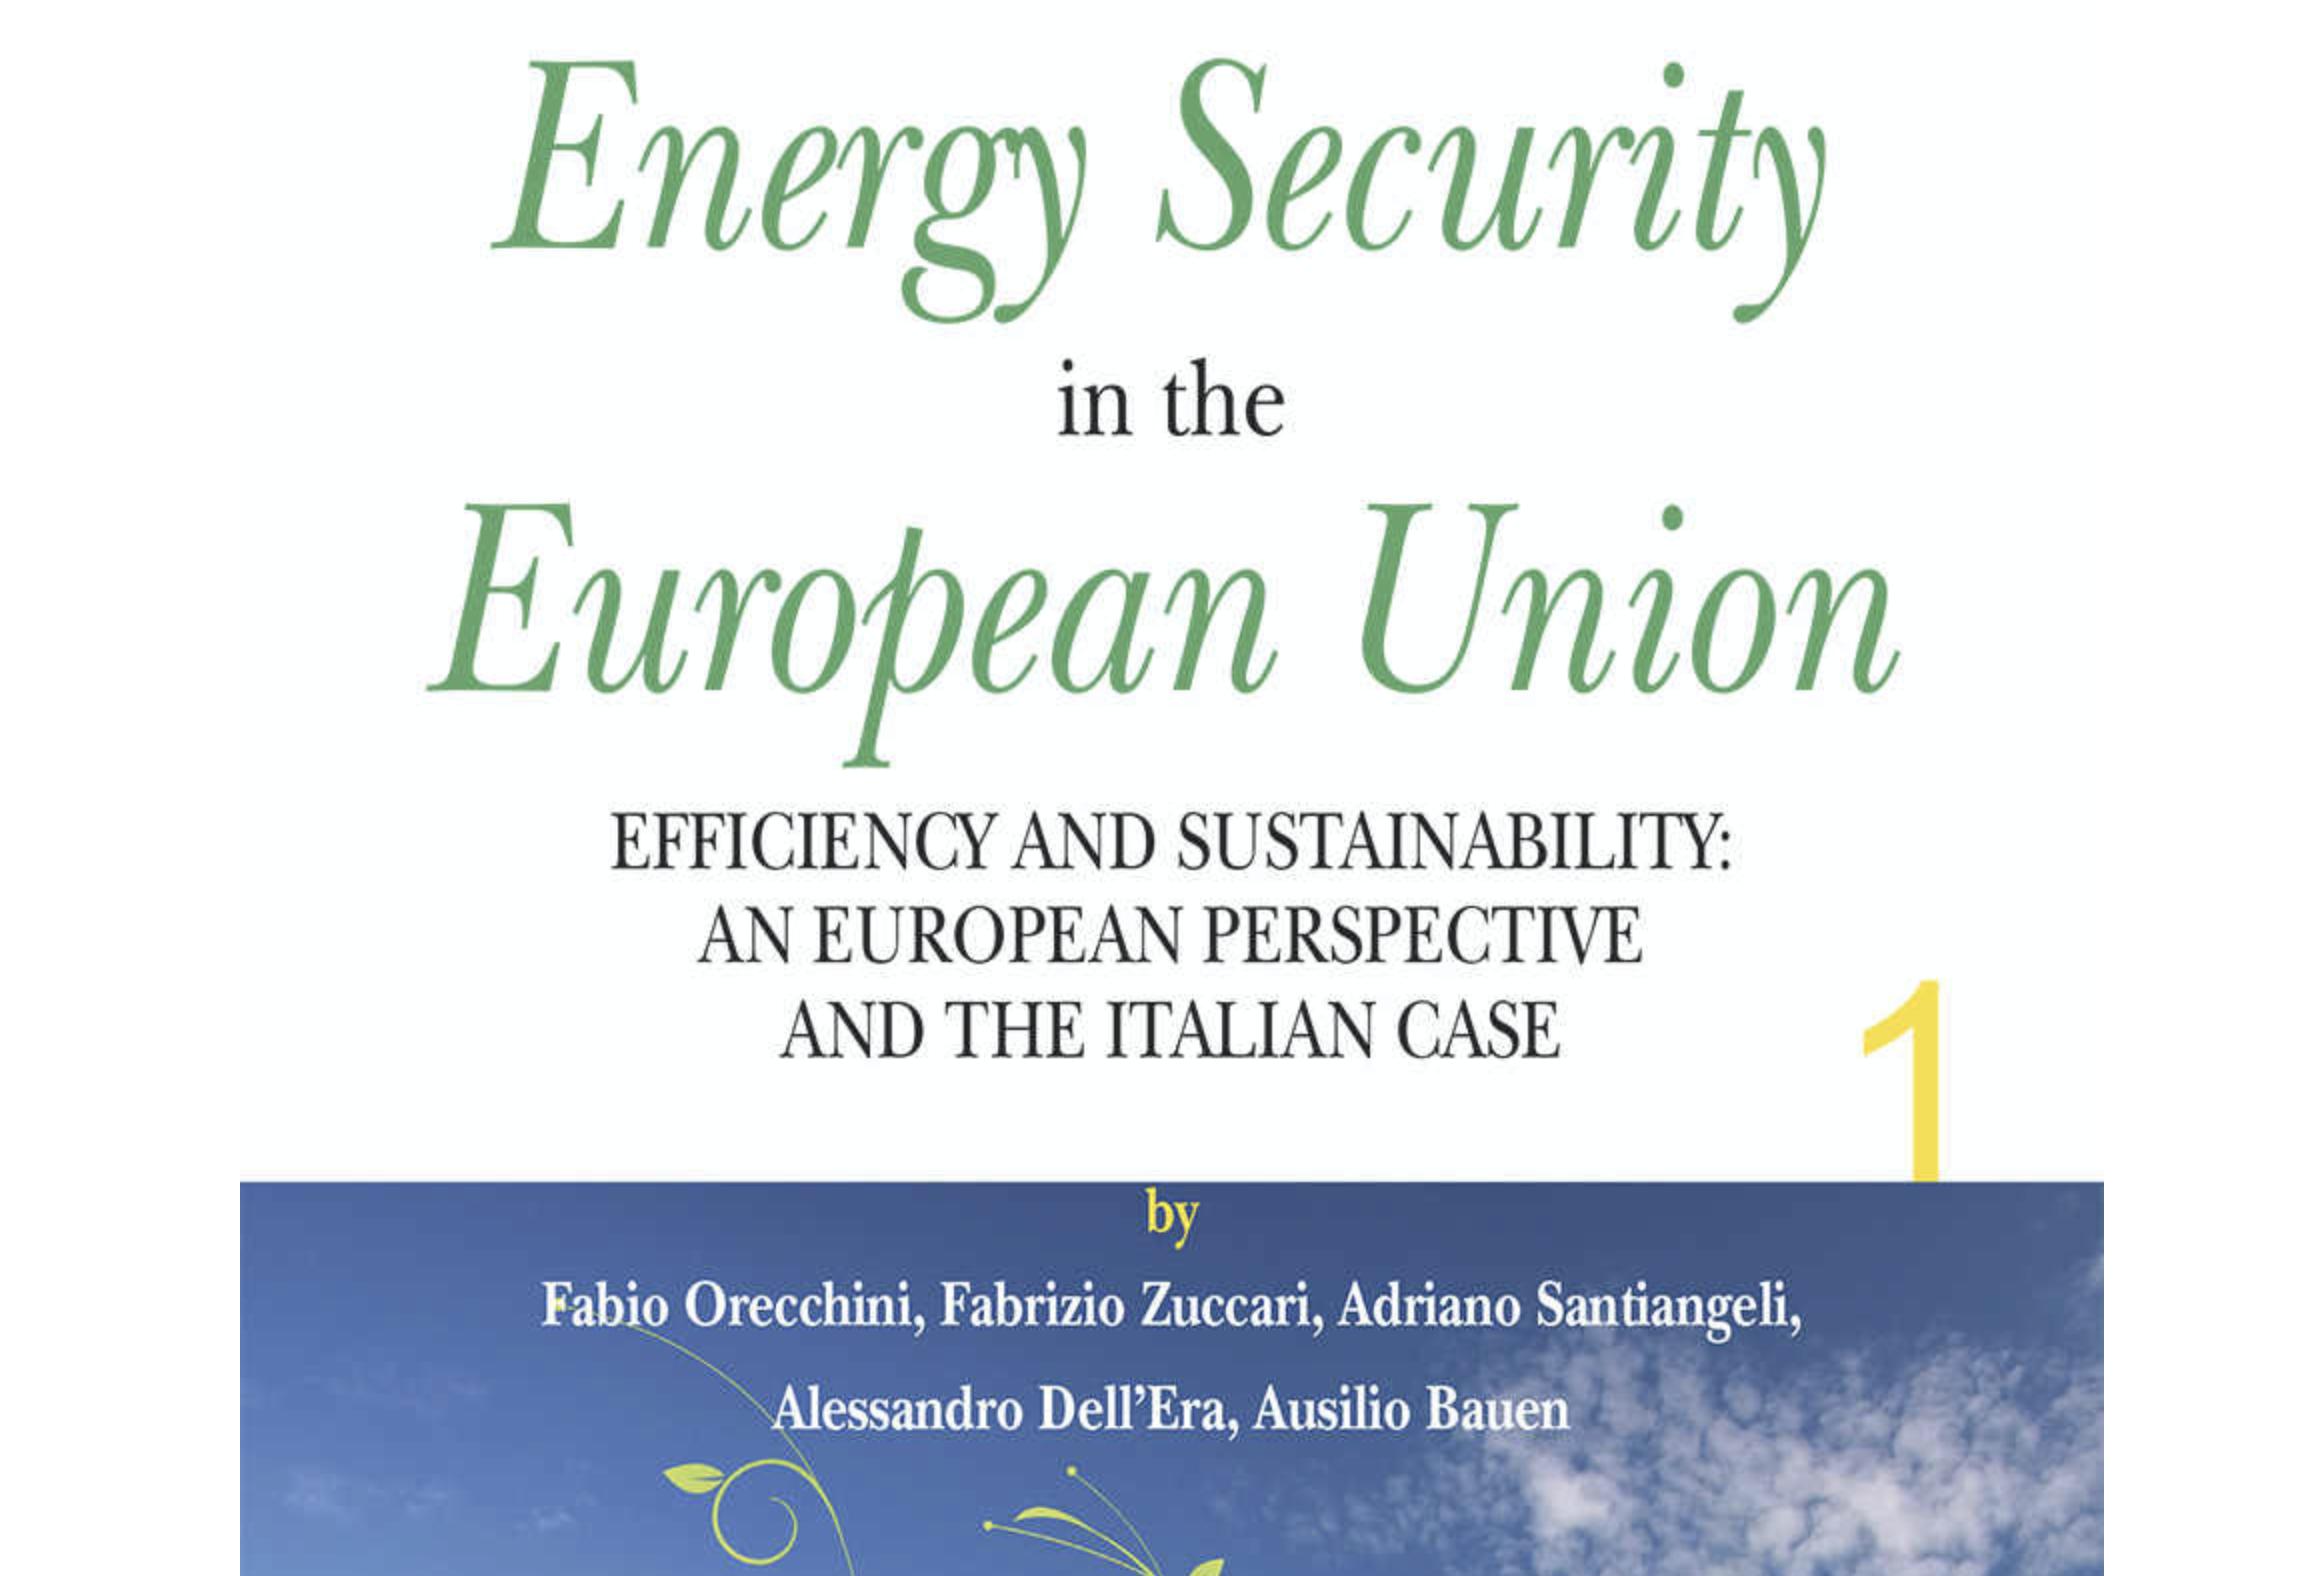 Sicurezza energetica in Europa, la chiave è nelle rinnovabili